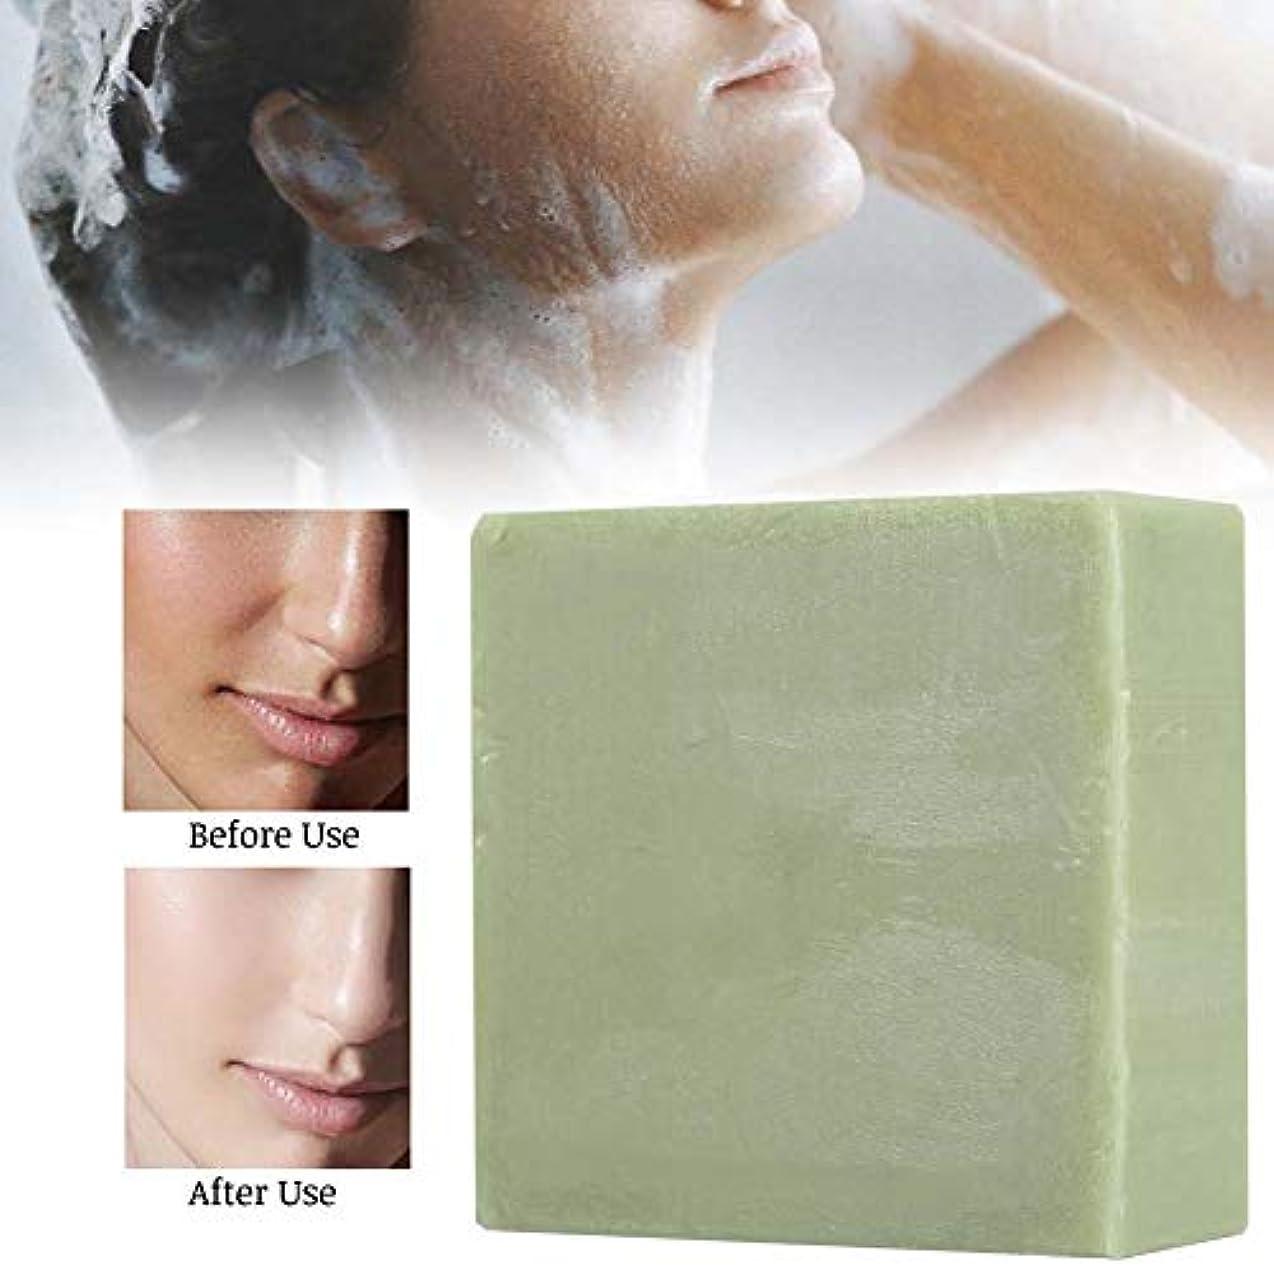 嘆く圧倒するアウトドア手作り石鹸 ハンドメイドグリーンクレイソープ フェイシャルクリーニング 保湿フェイシャルケア バスエッセンシャルオイルソープ